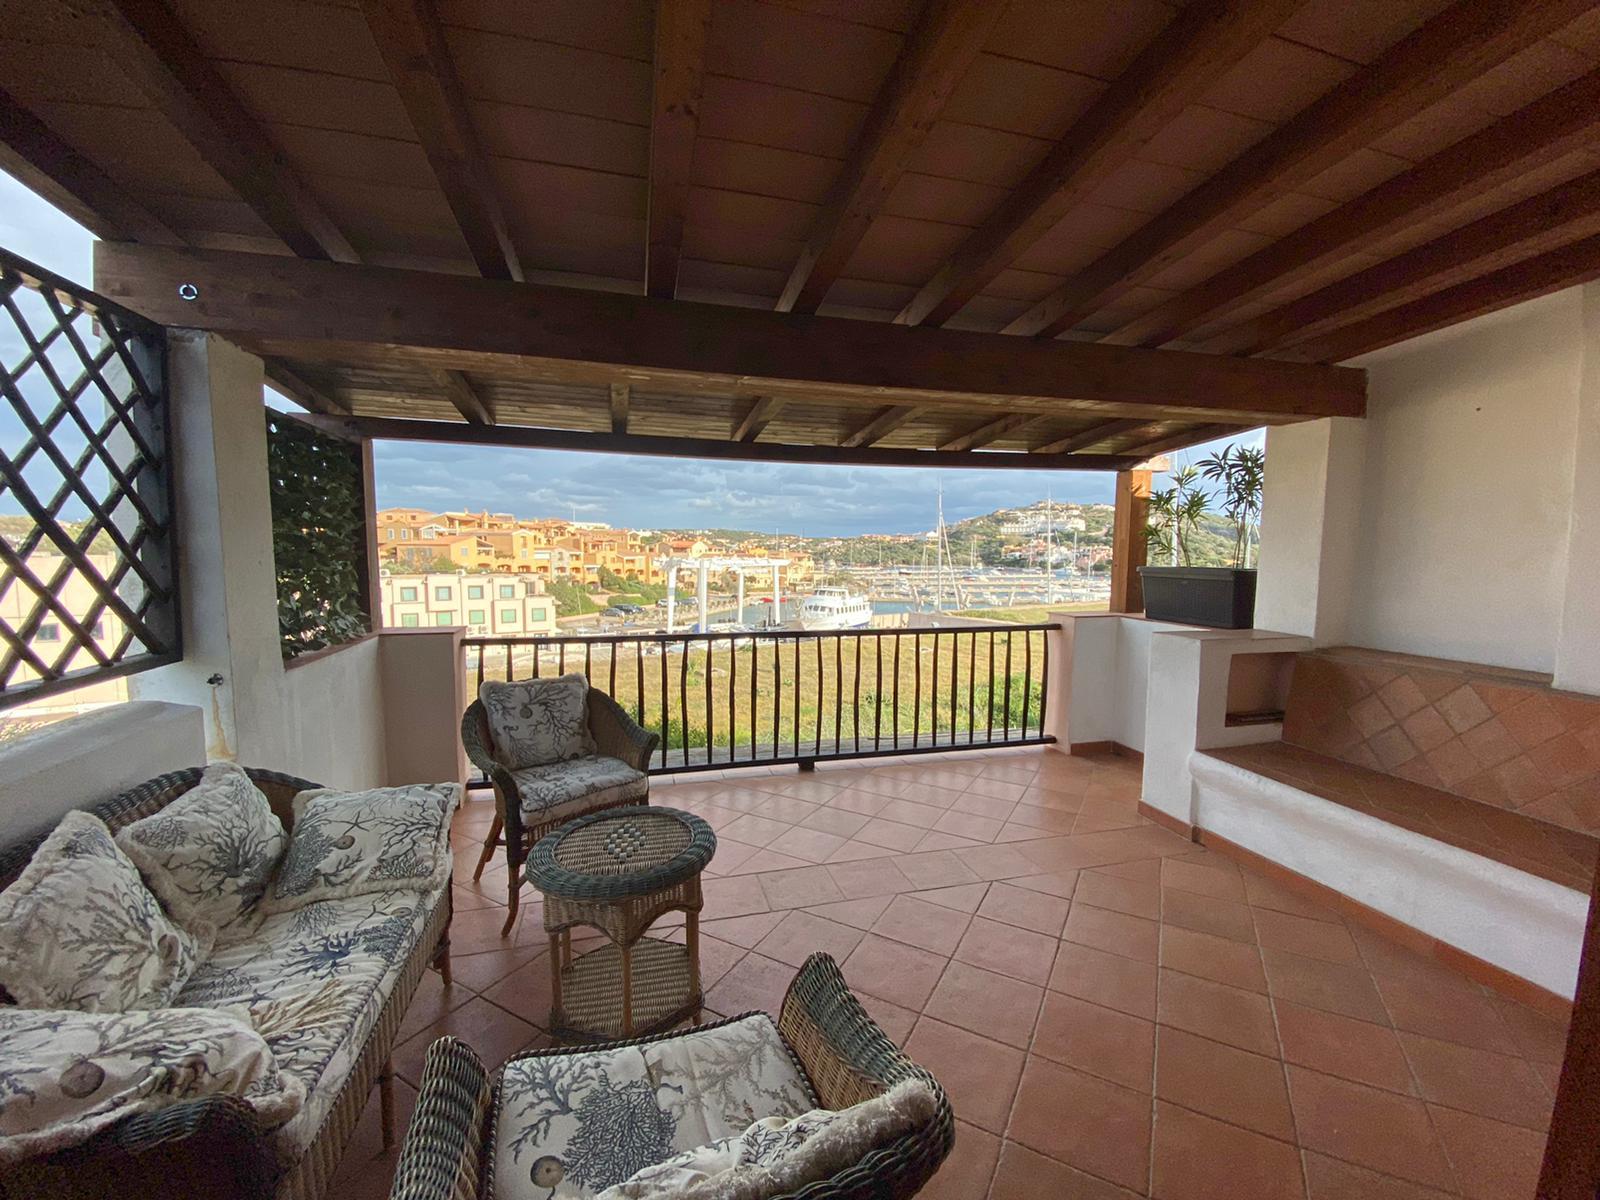 Appartamento in vendita a Arzachena - Porto Cervo, 2 locali, zona Località: PortoCervo-Marina, prezzo € 380.000 | PortaleAgenzieImmobiliari.it